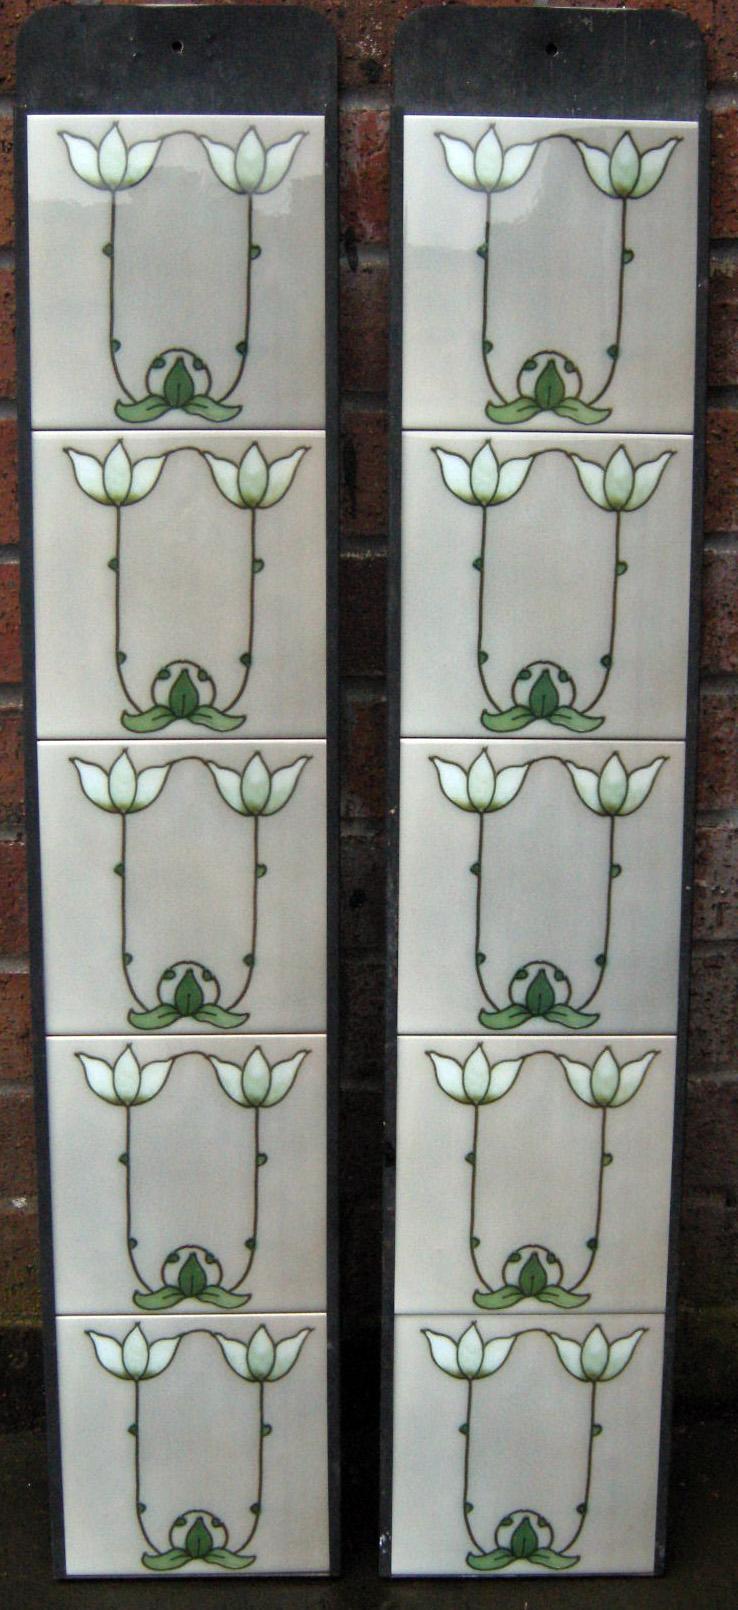 Art Nouveau / Arts & Crafts Fireplace tiles set ref 081set